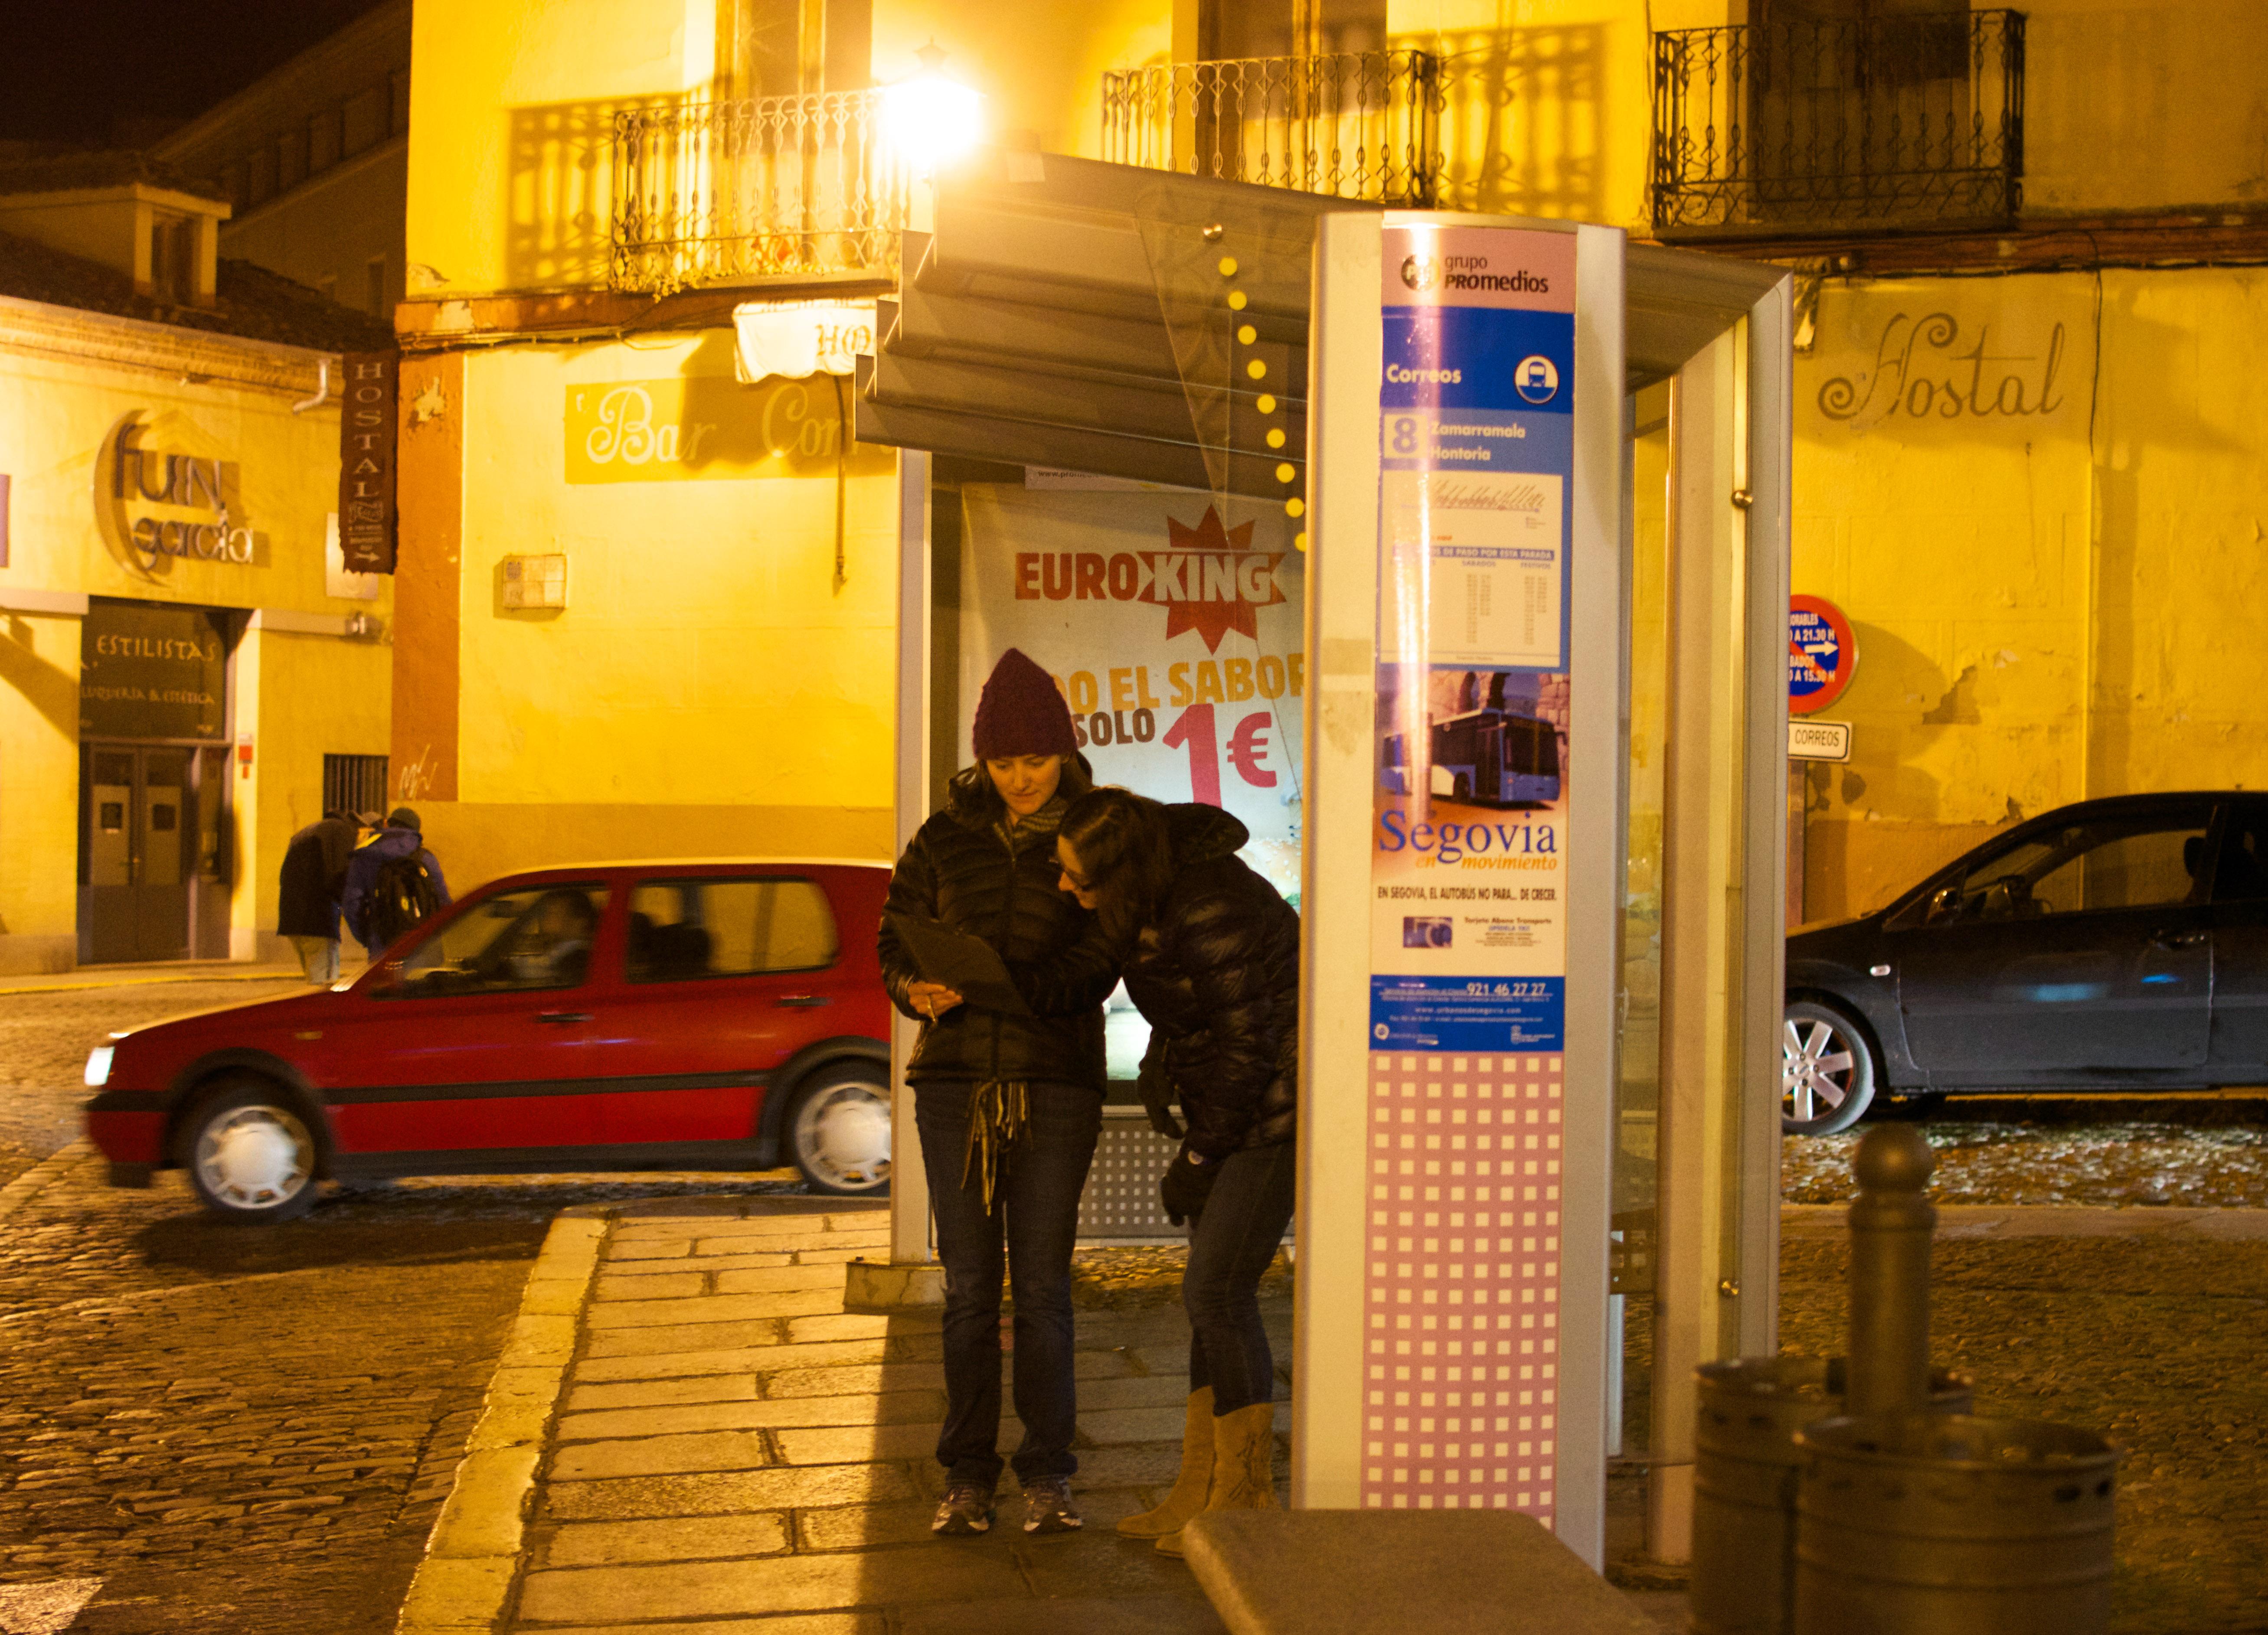 Proctor en Segovia learns bus system on scavenger hunt